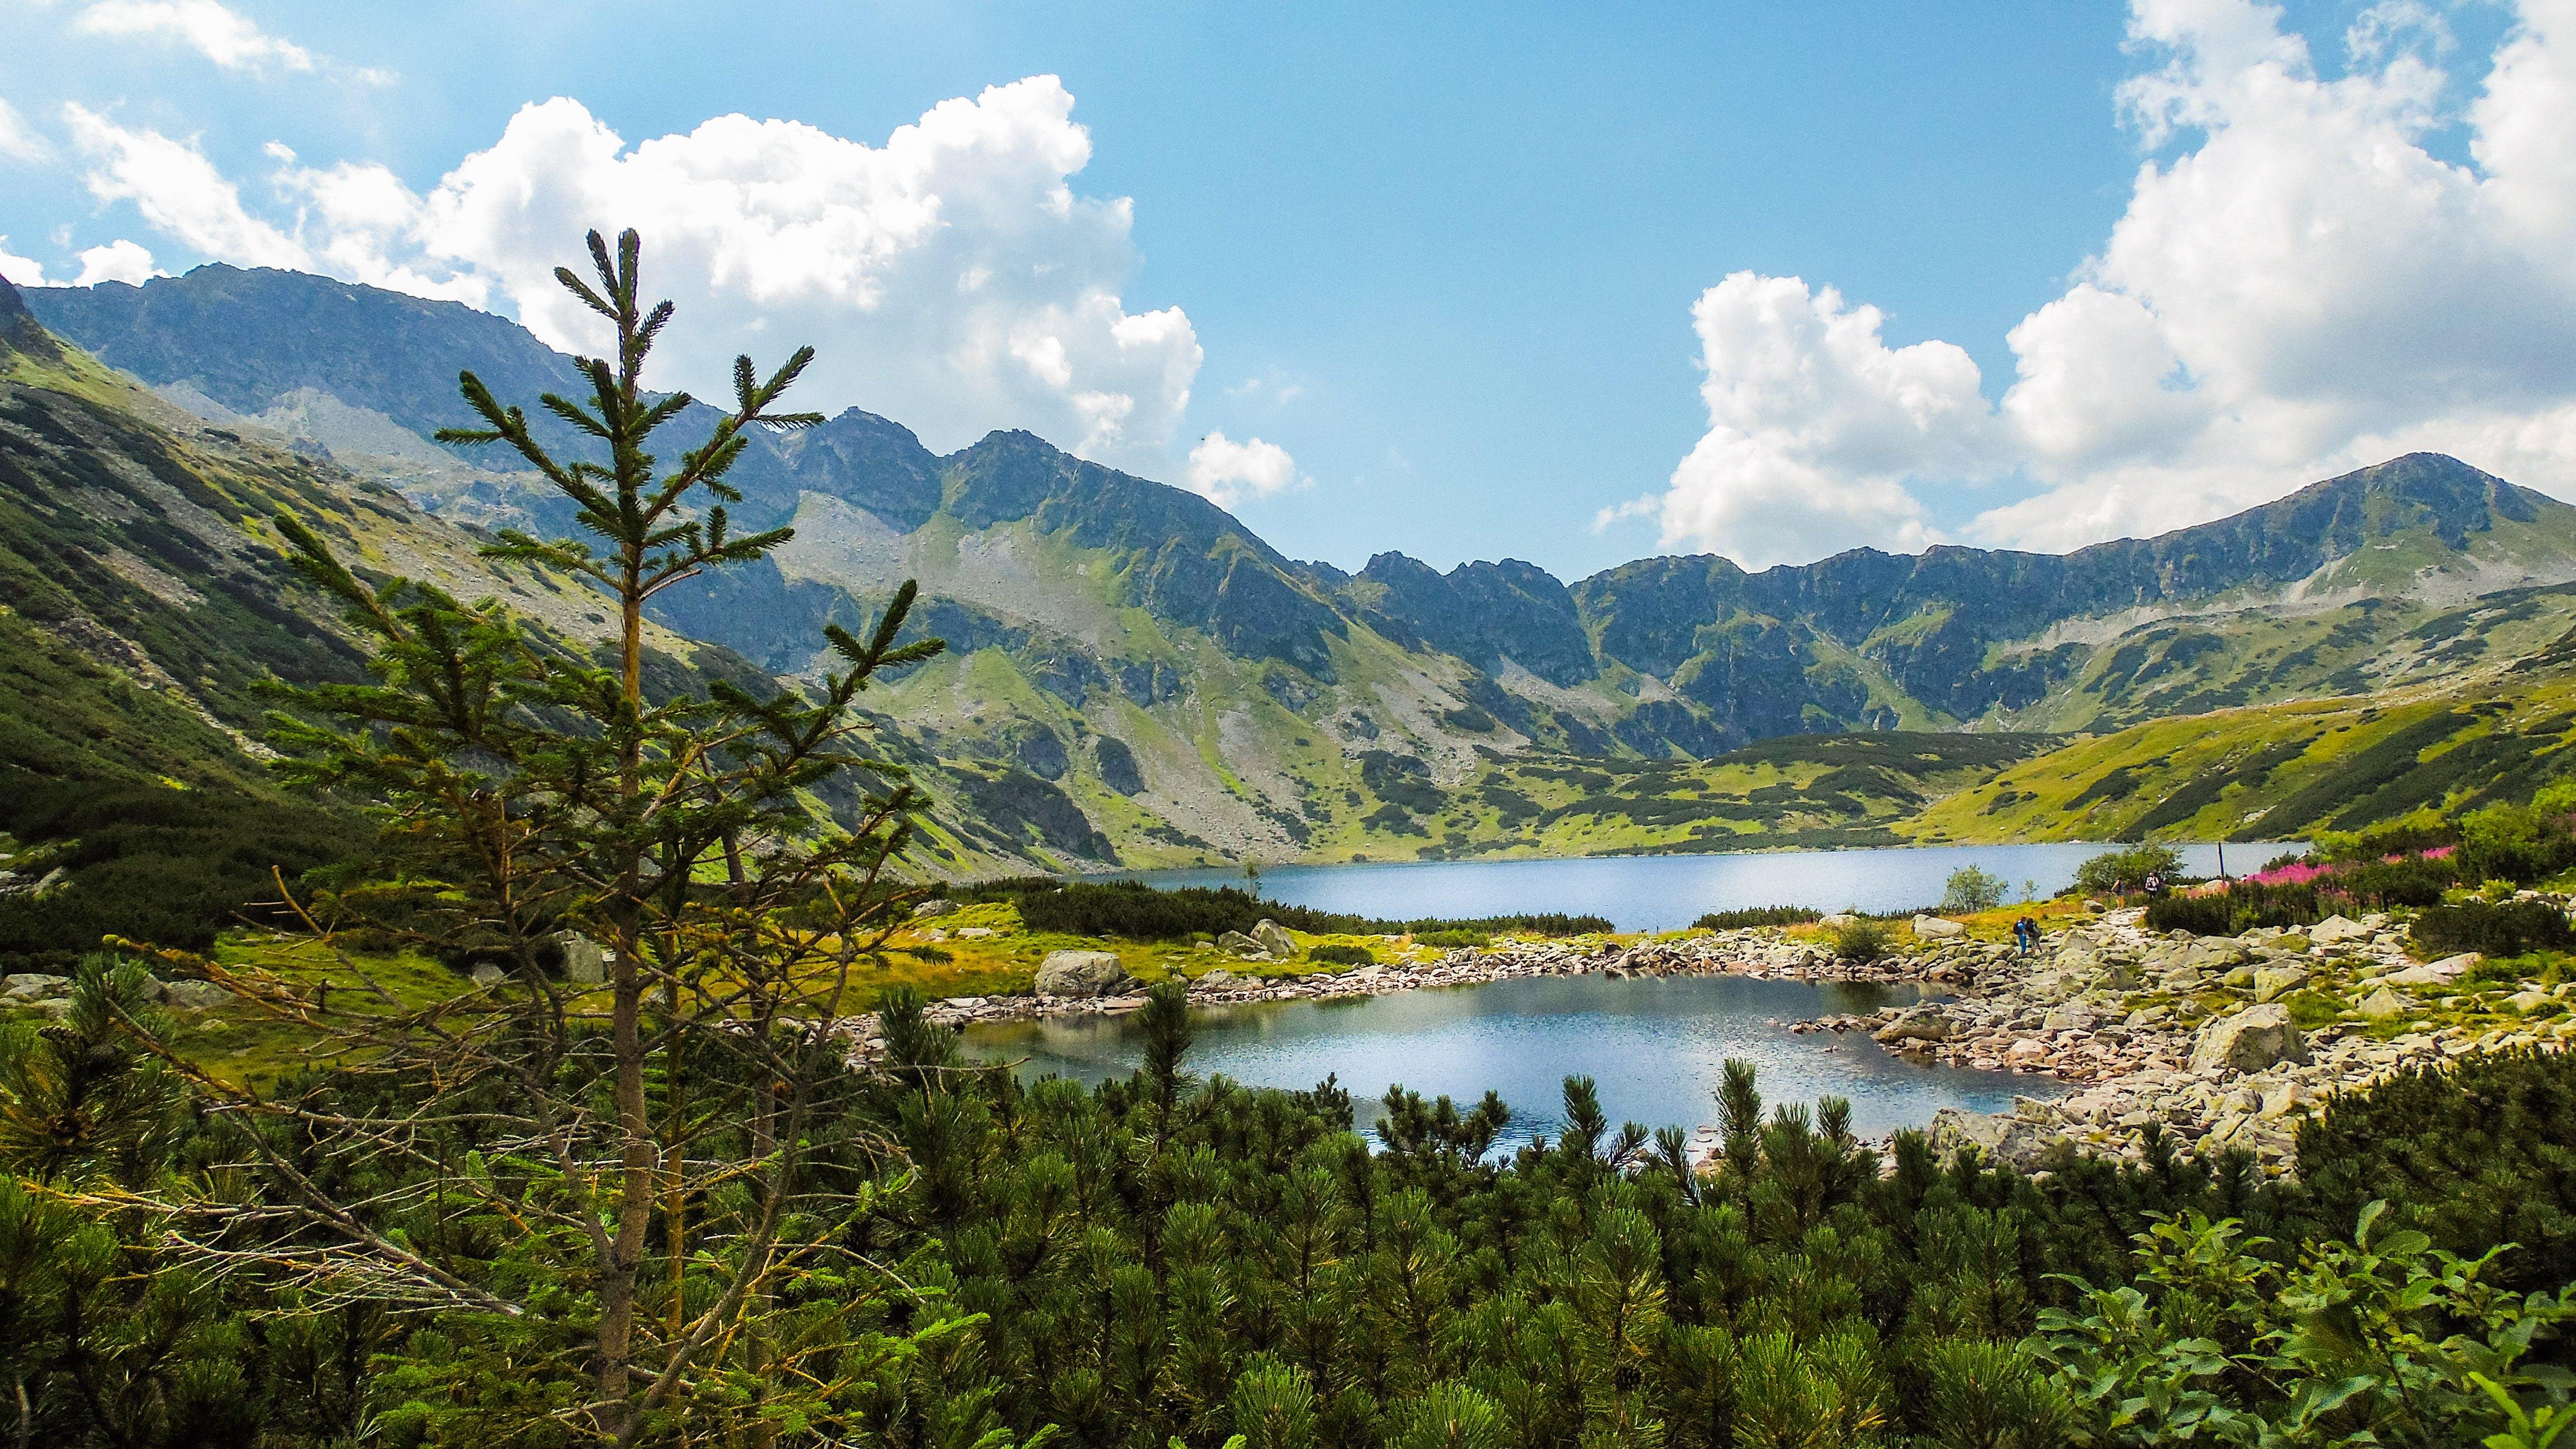 のどか, 山岳, 環境, 絶景の無料の写真素材